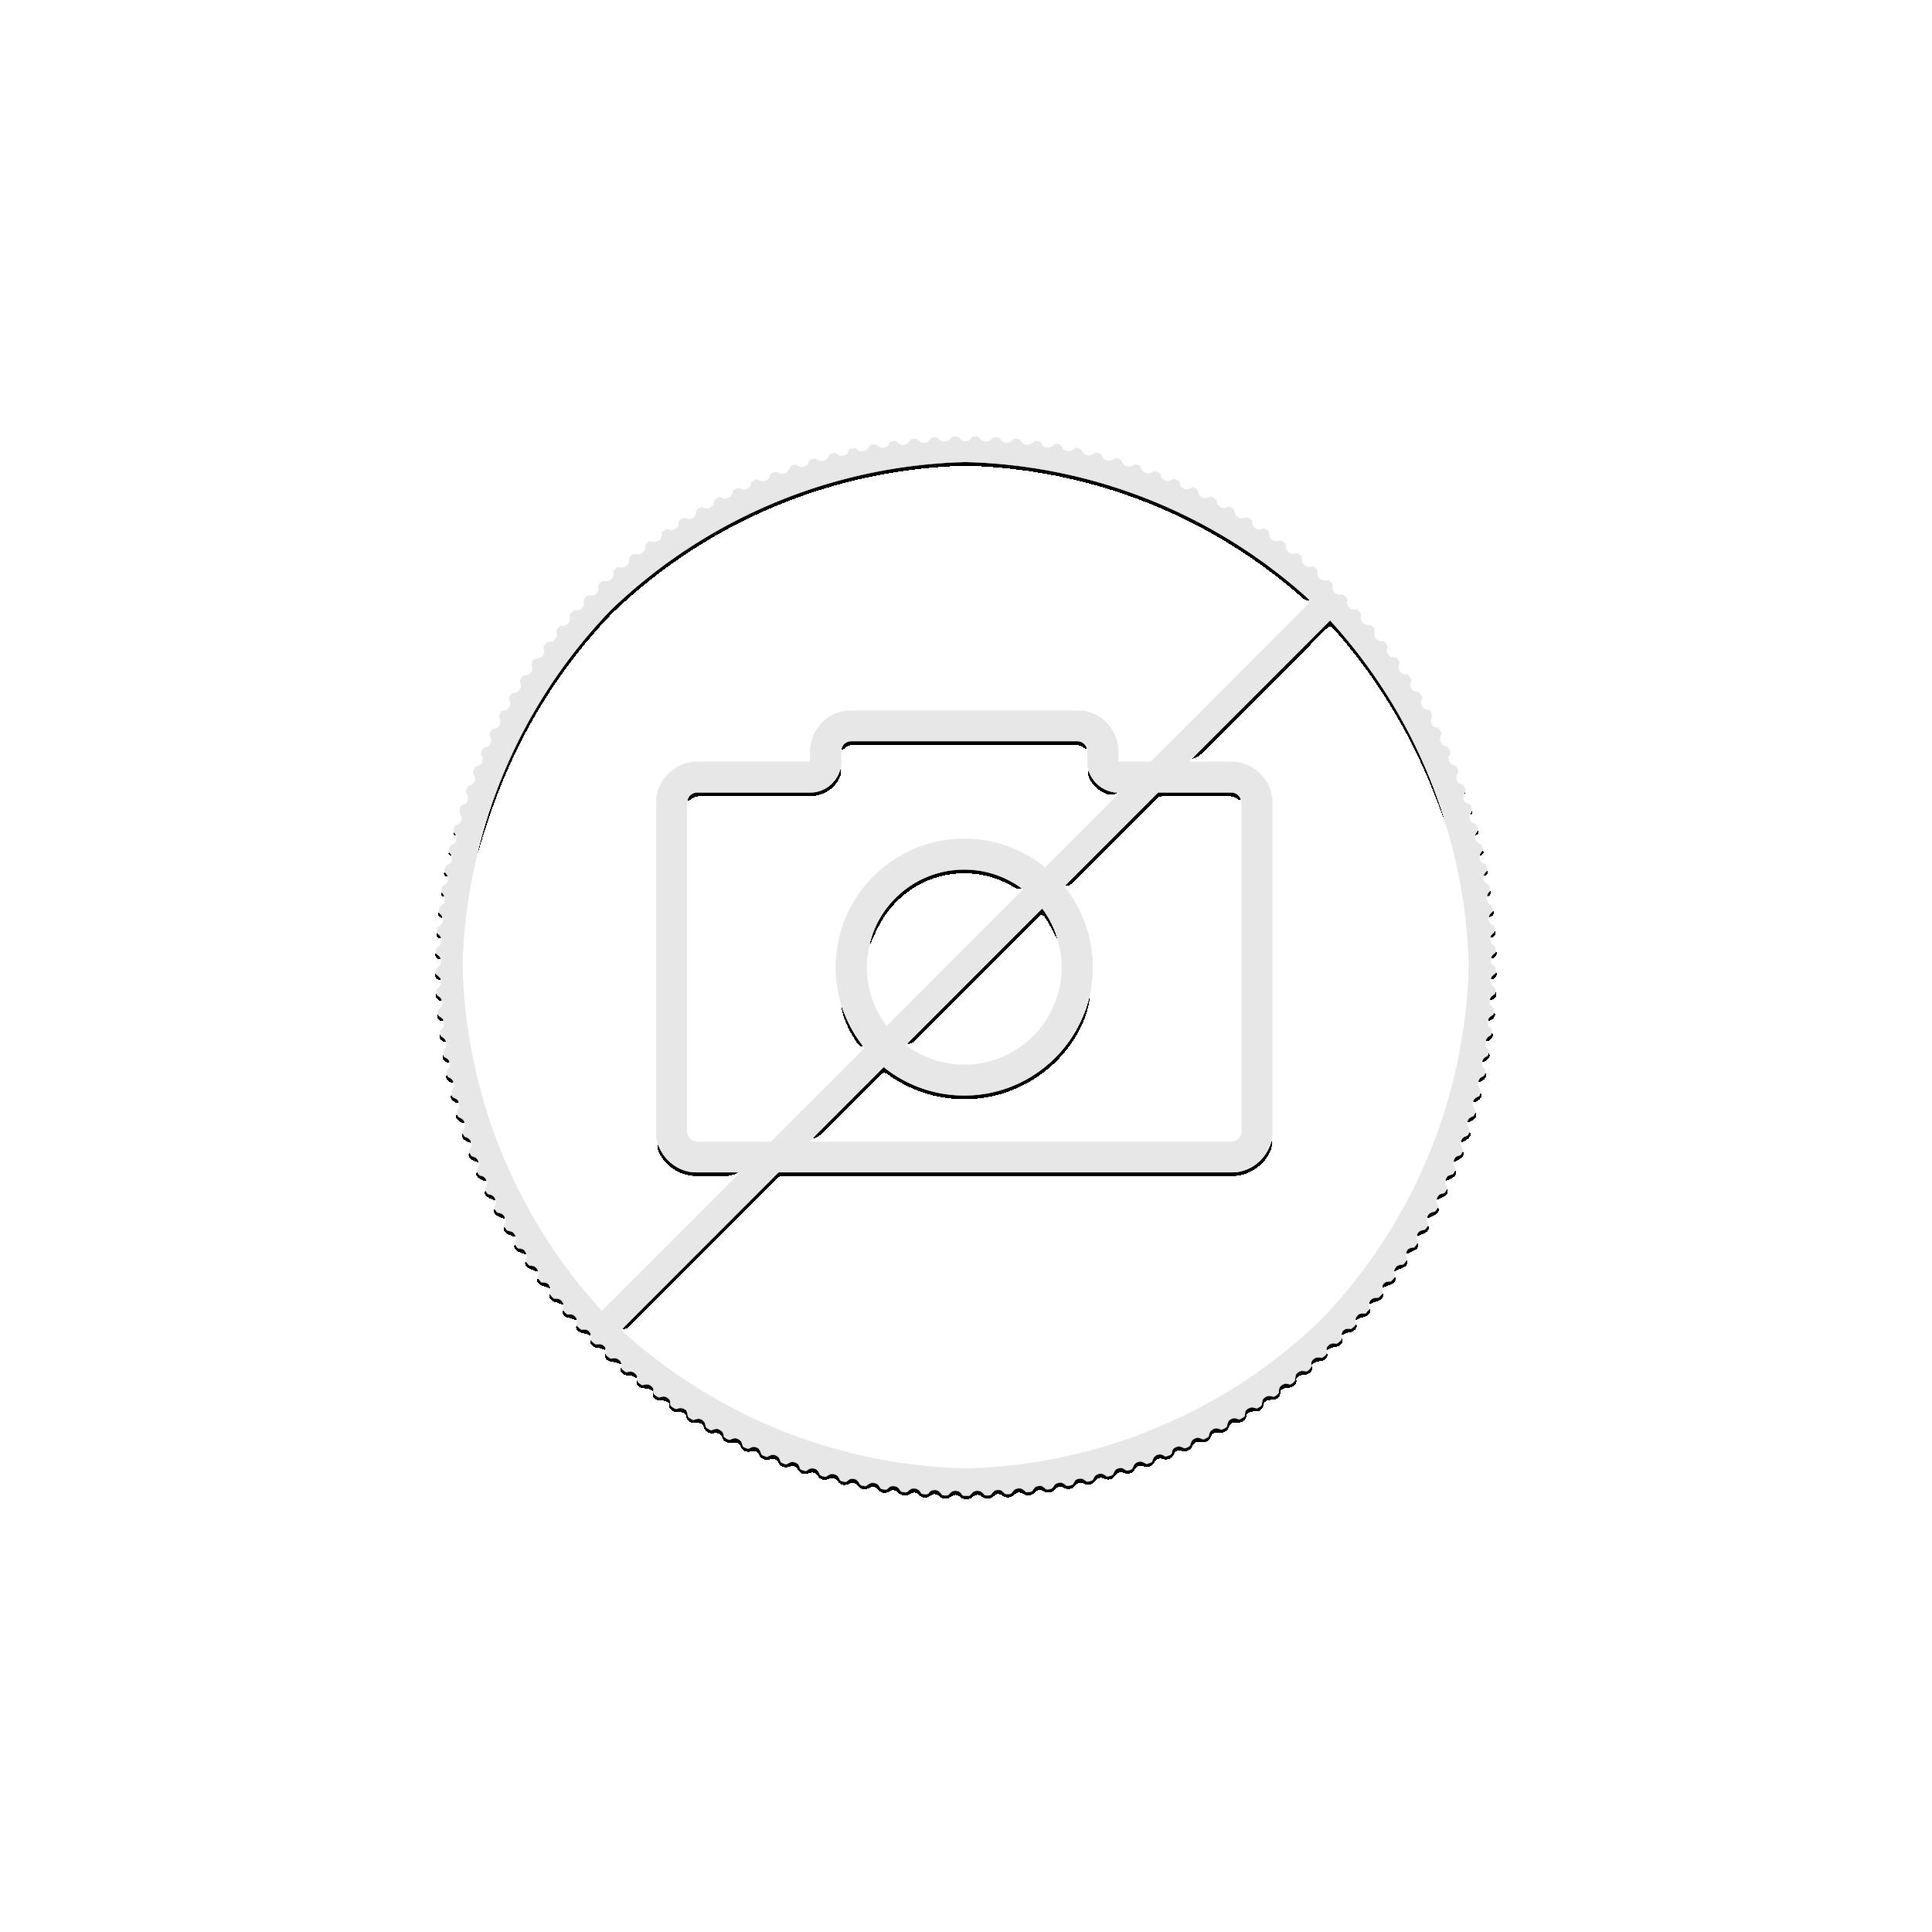 1 troy ounce gold coin Robin Hood 2021